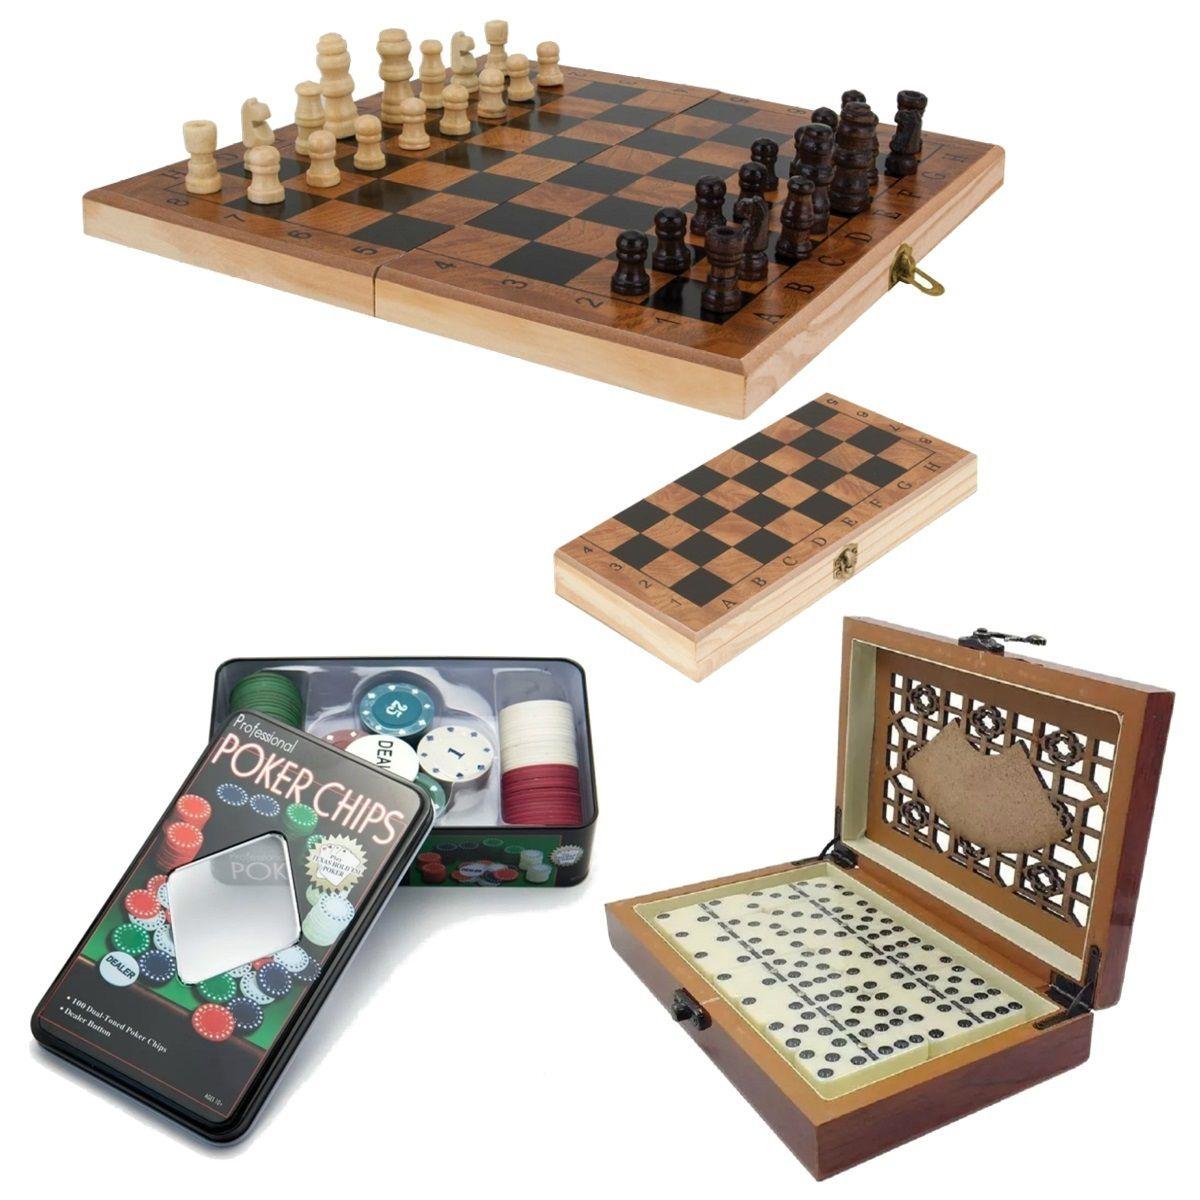 Kit 03 Jogos Xadrez Tabuleiro Dominó Luxo Poker Profissional